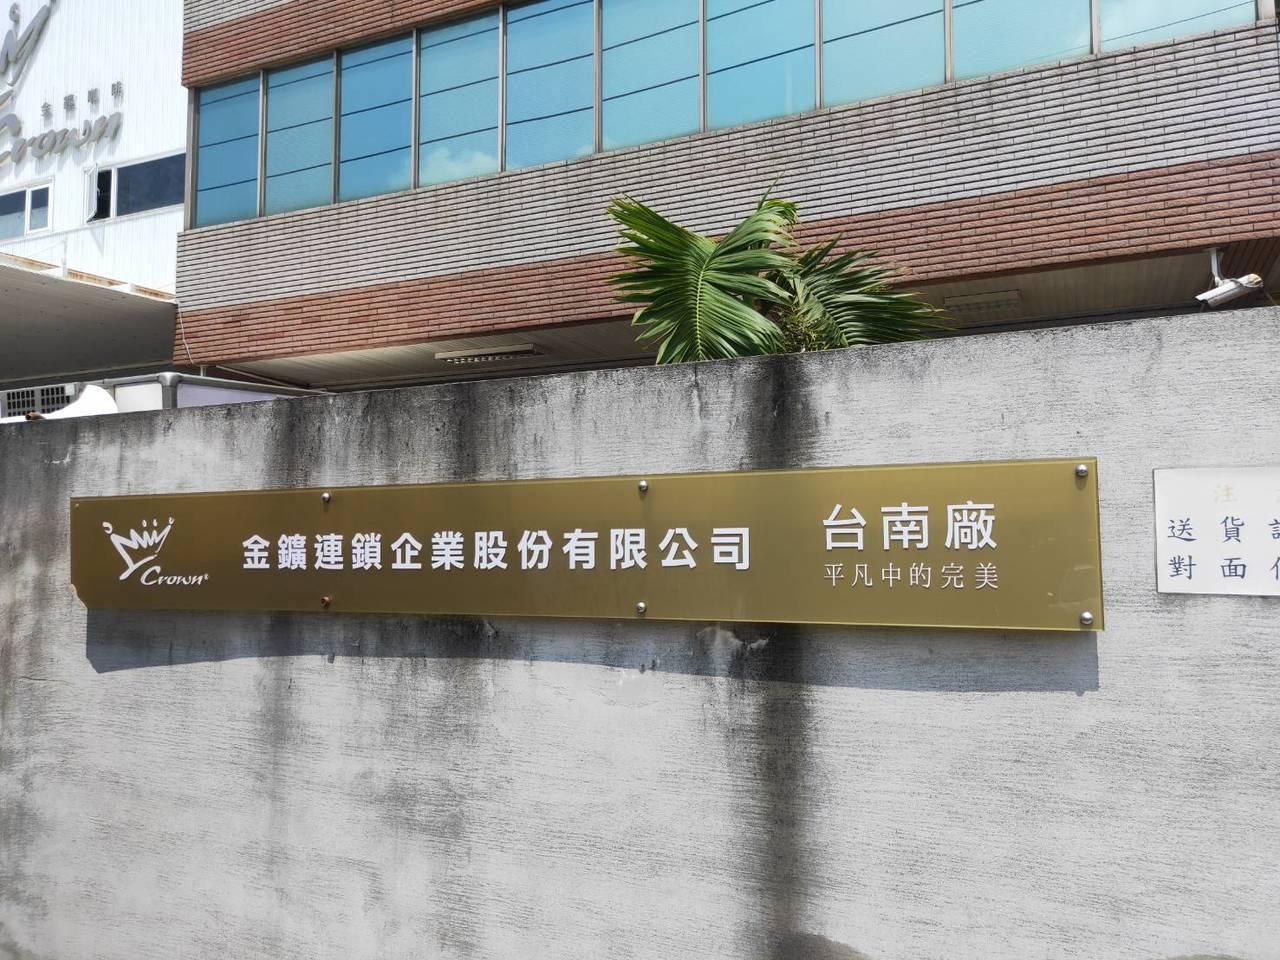 金鑛公司台南廠今天運作正常。圖/台南市勞工局提供